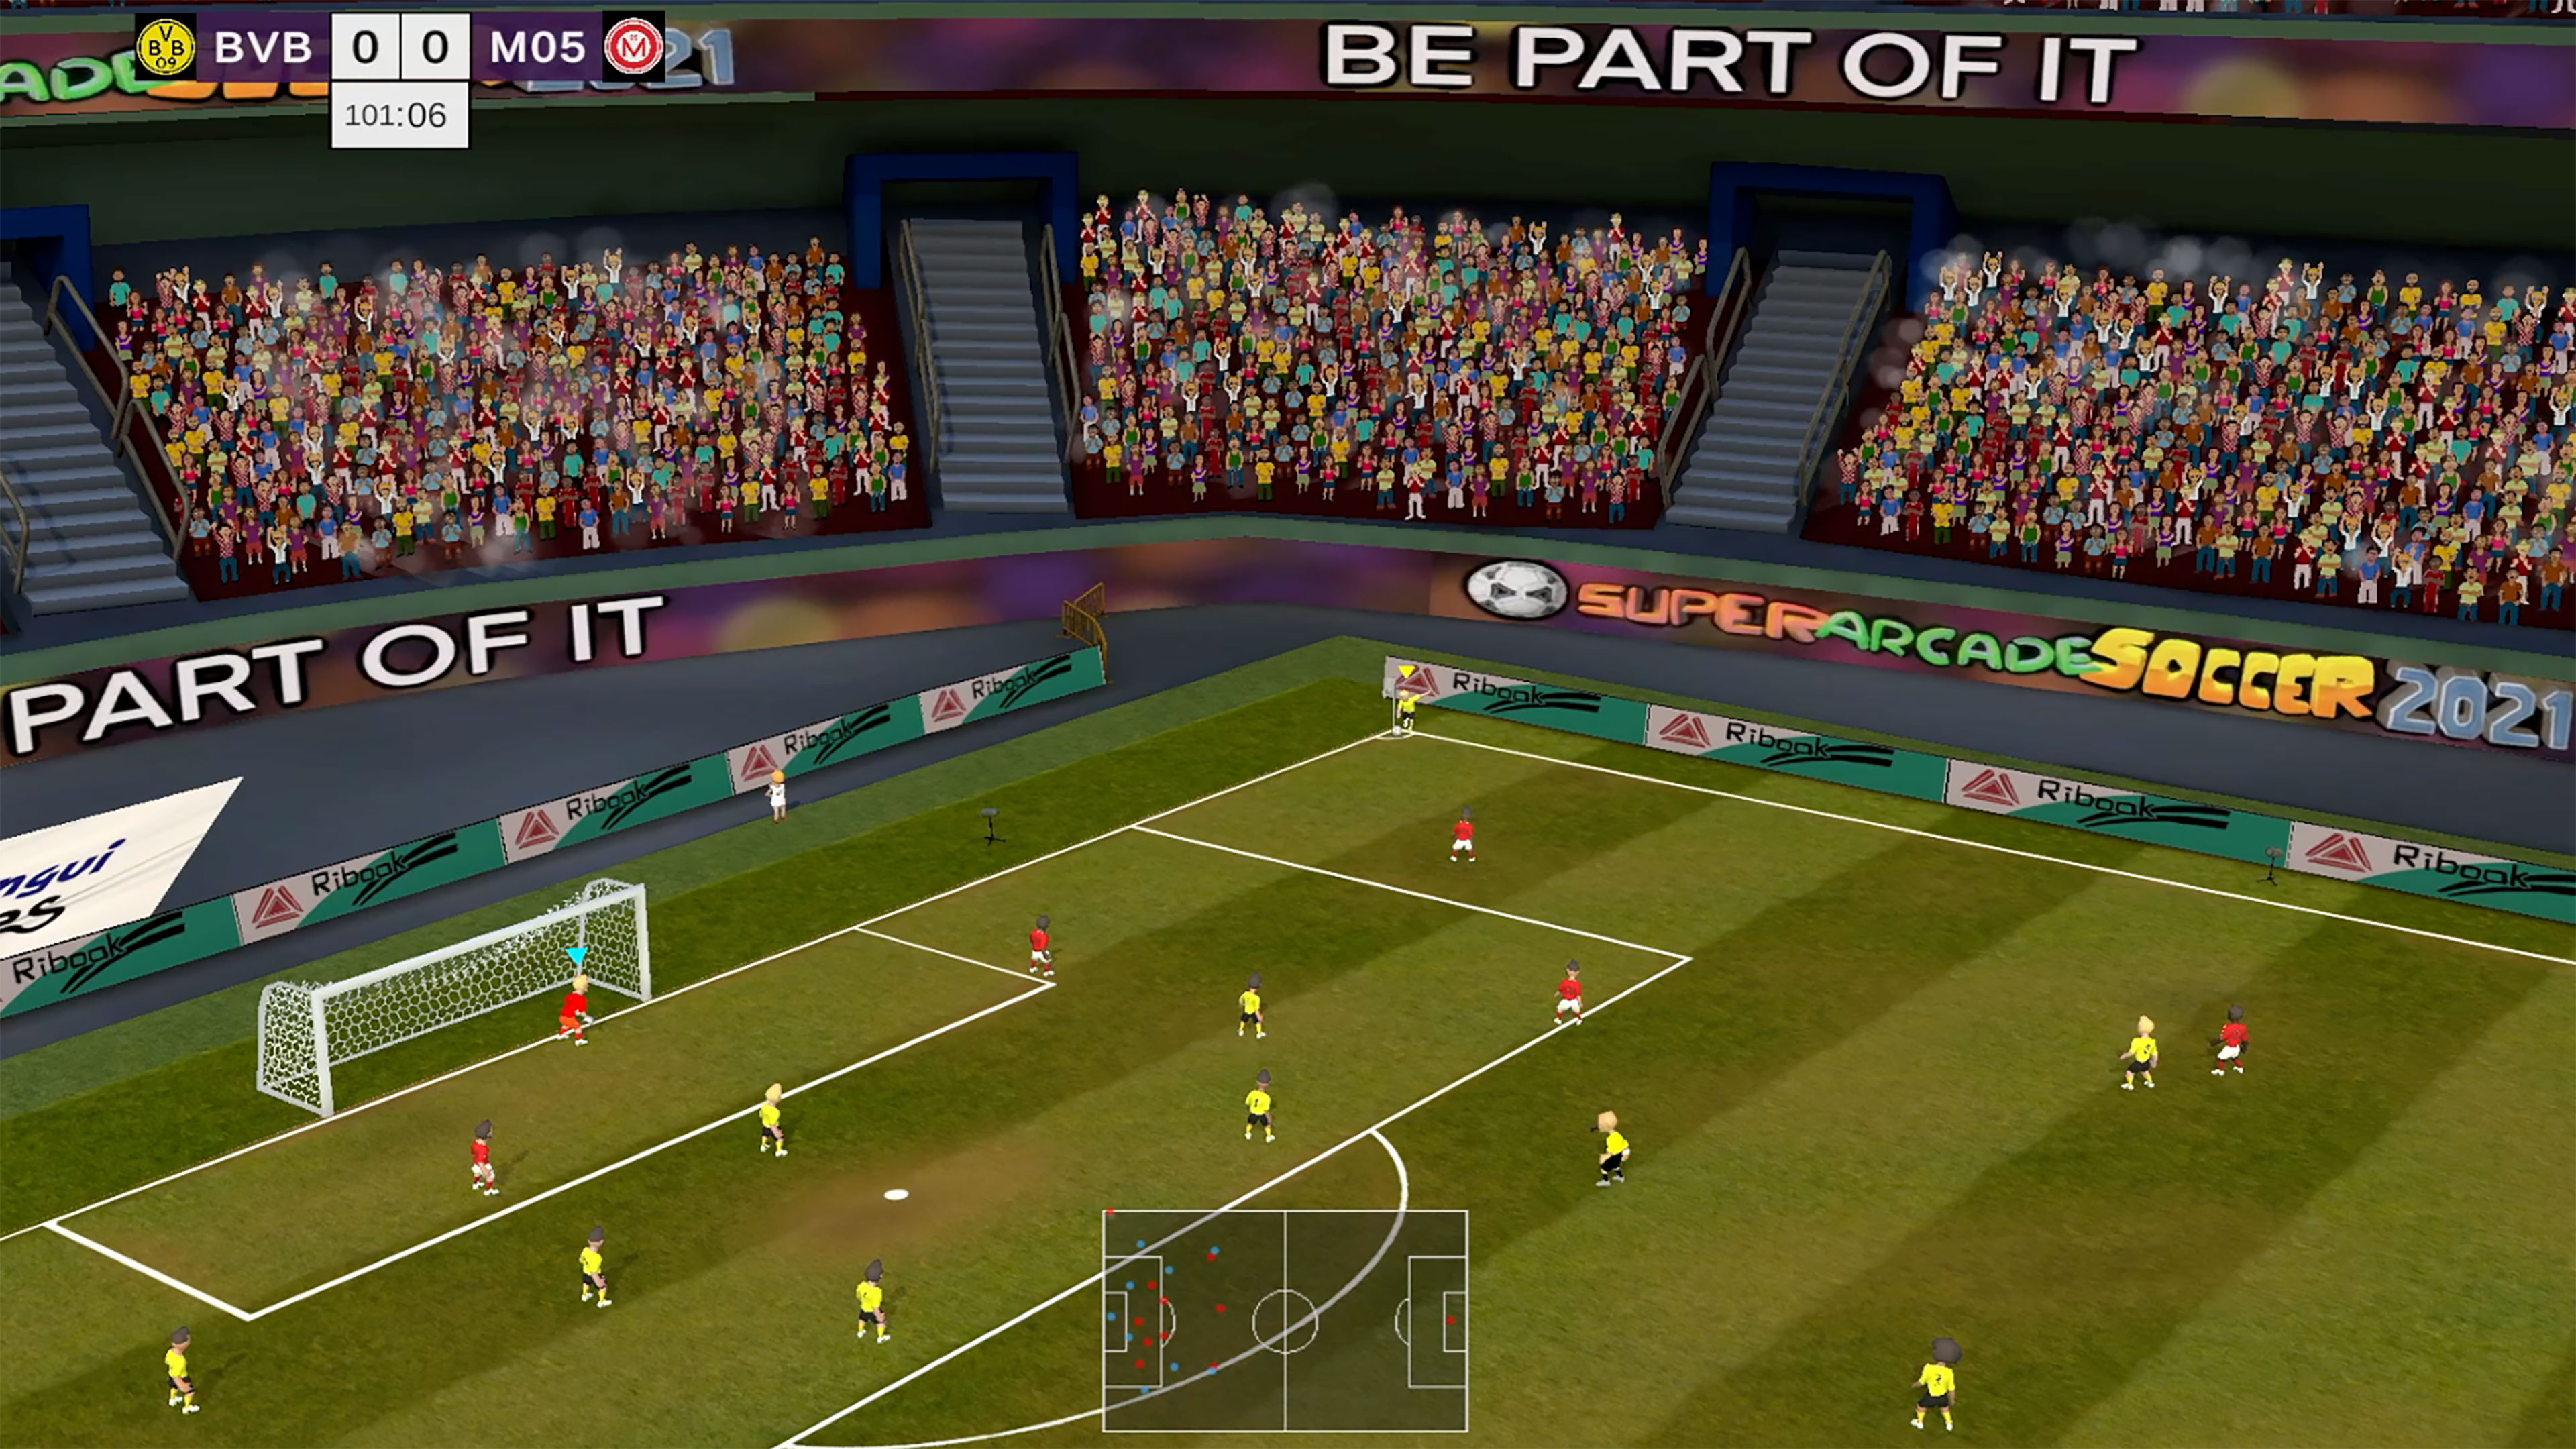 Скриншот №9 к Super Arcade Soccer 2021